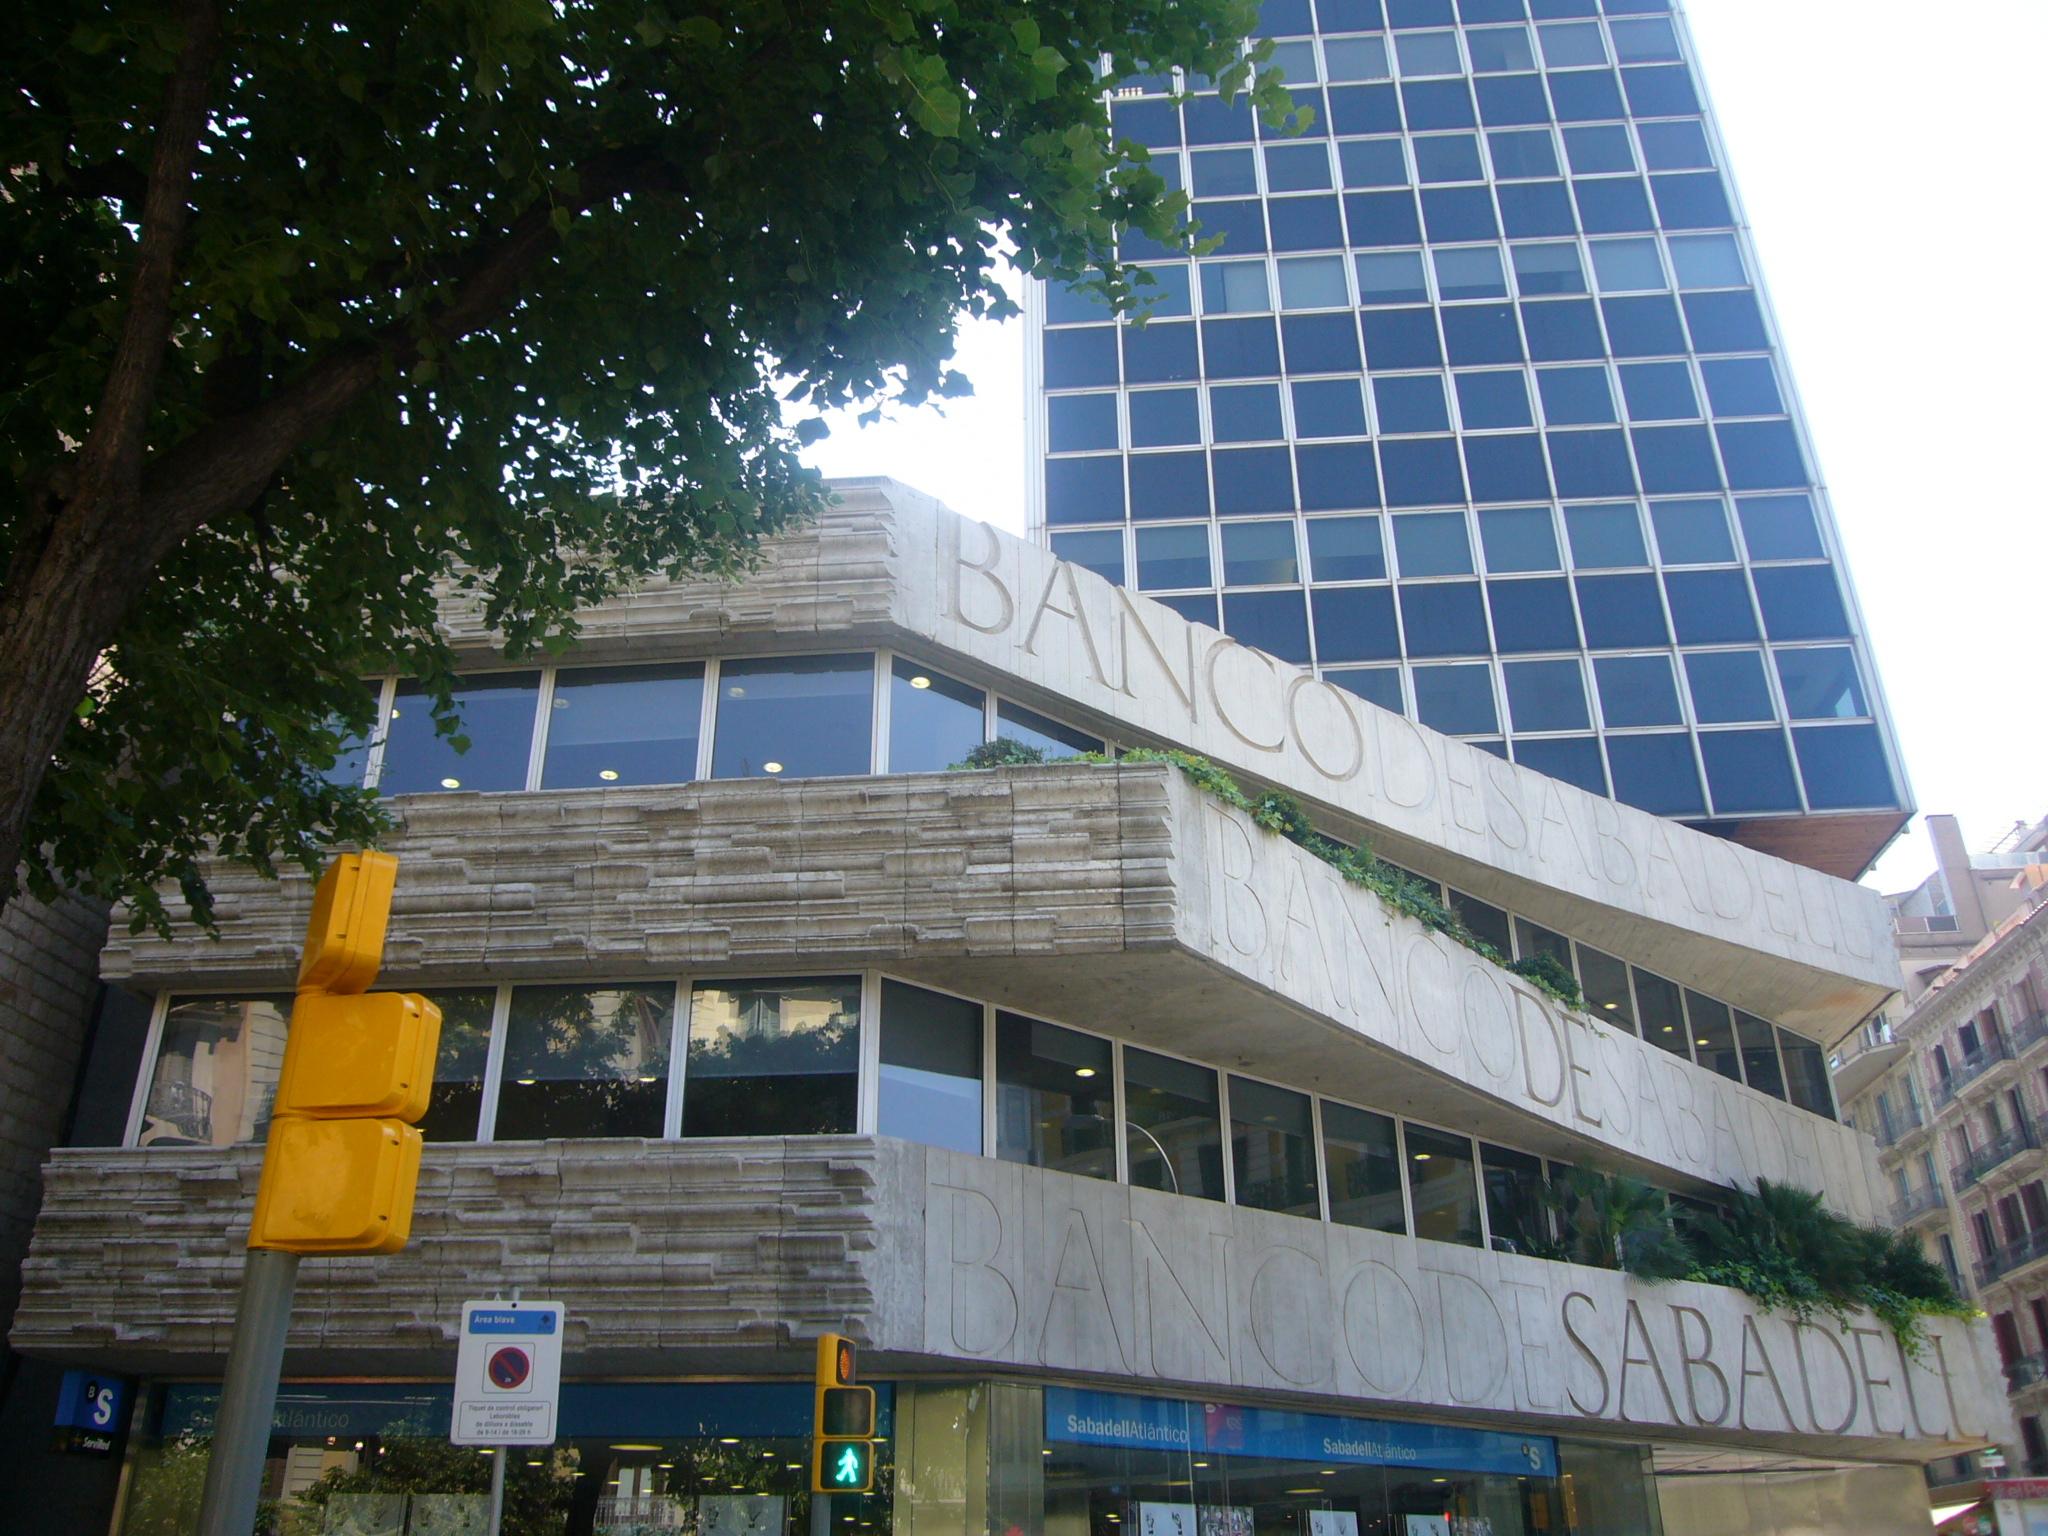 Banc de Sabadell, Subirachs